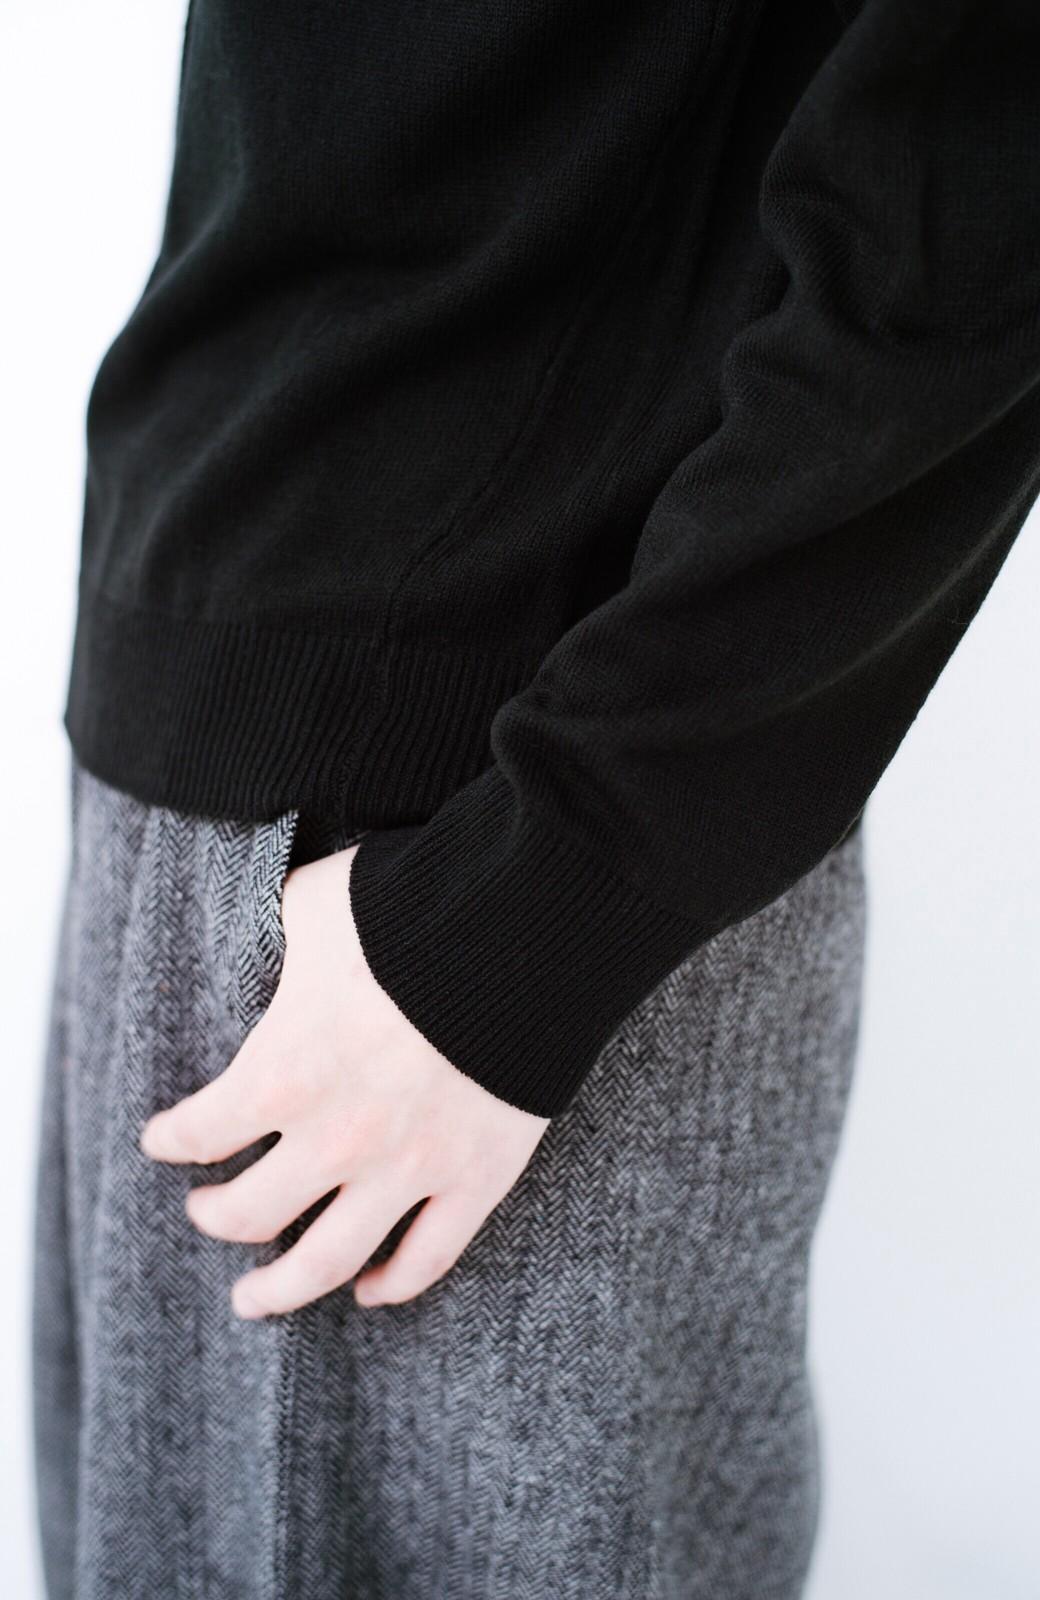 haco! 寝坊した朝でも安心!パッと着るだけでコーデが完成する女っぽニットアップ <ブラック>の商品写真4